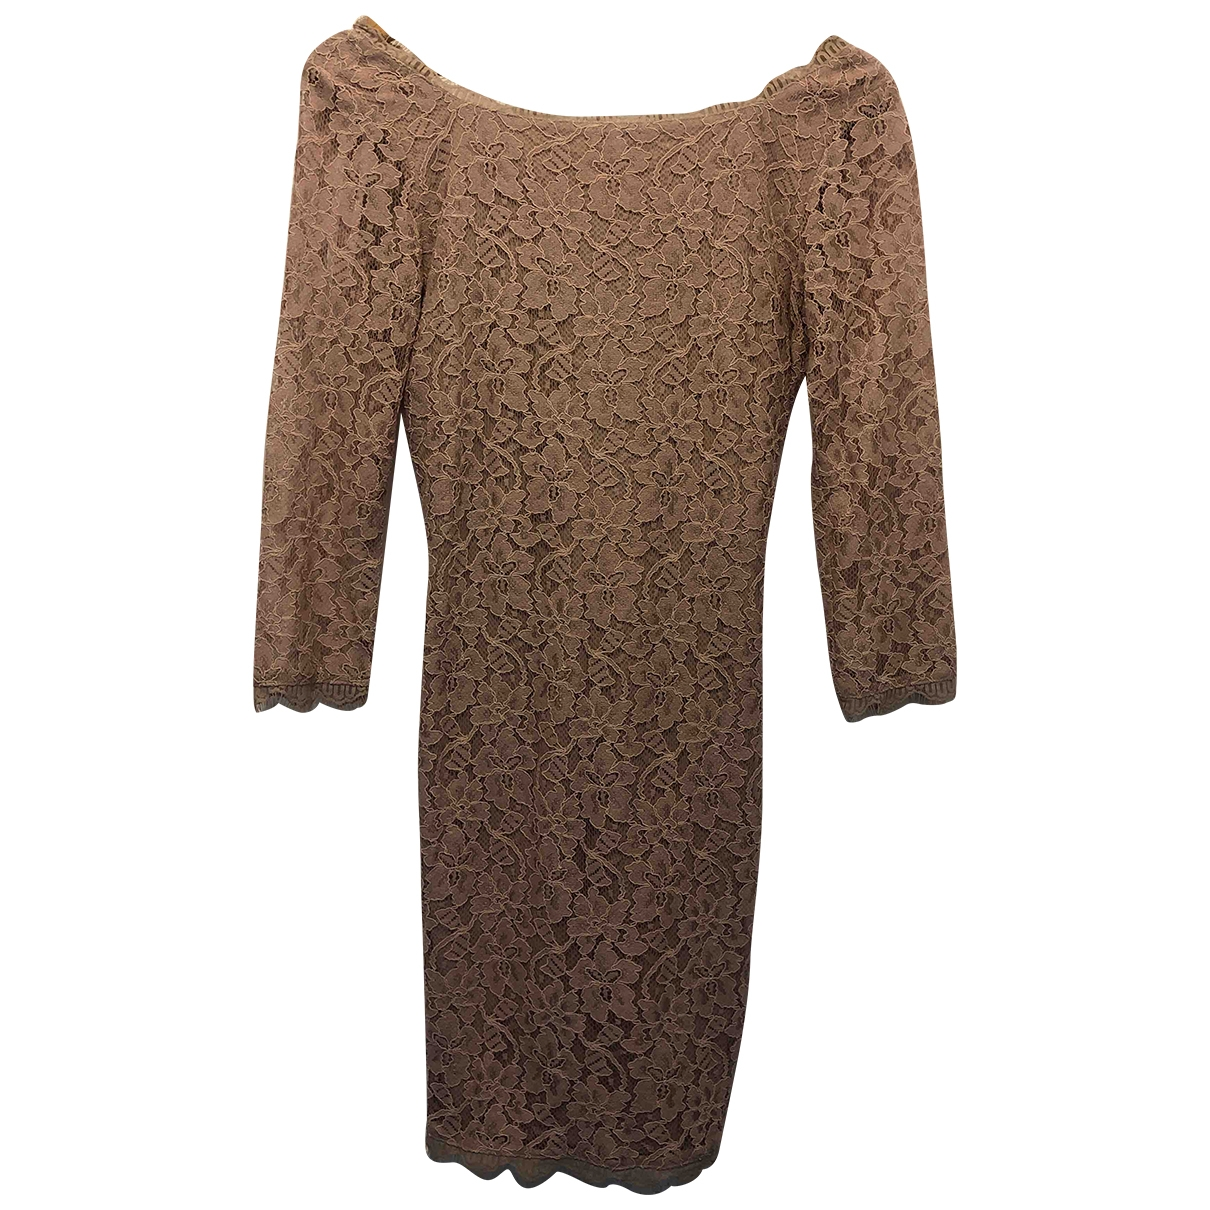 Diane Von Furstenberg \N Kleid in  Kamel Viskose